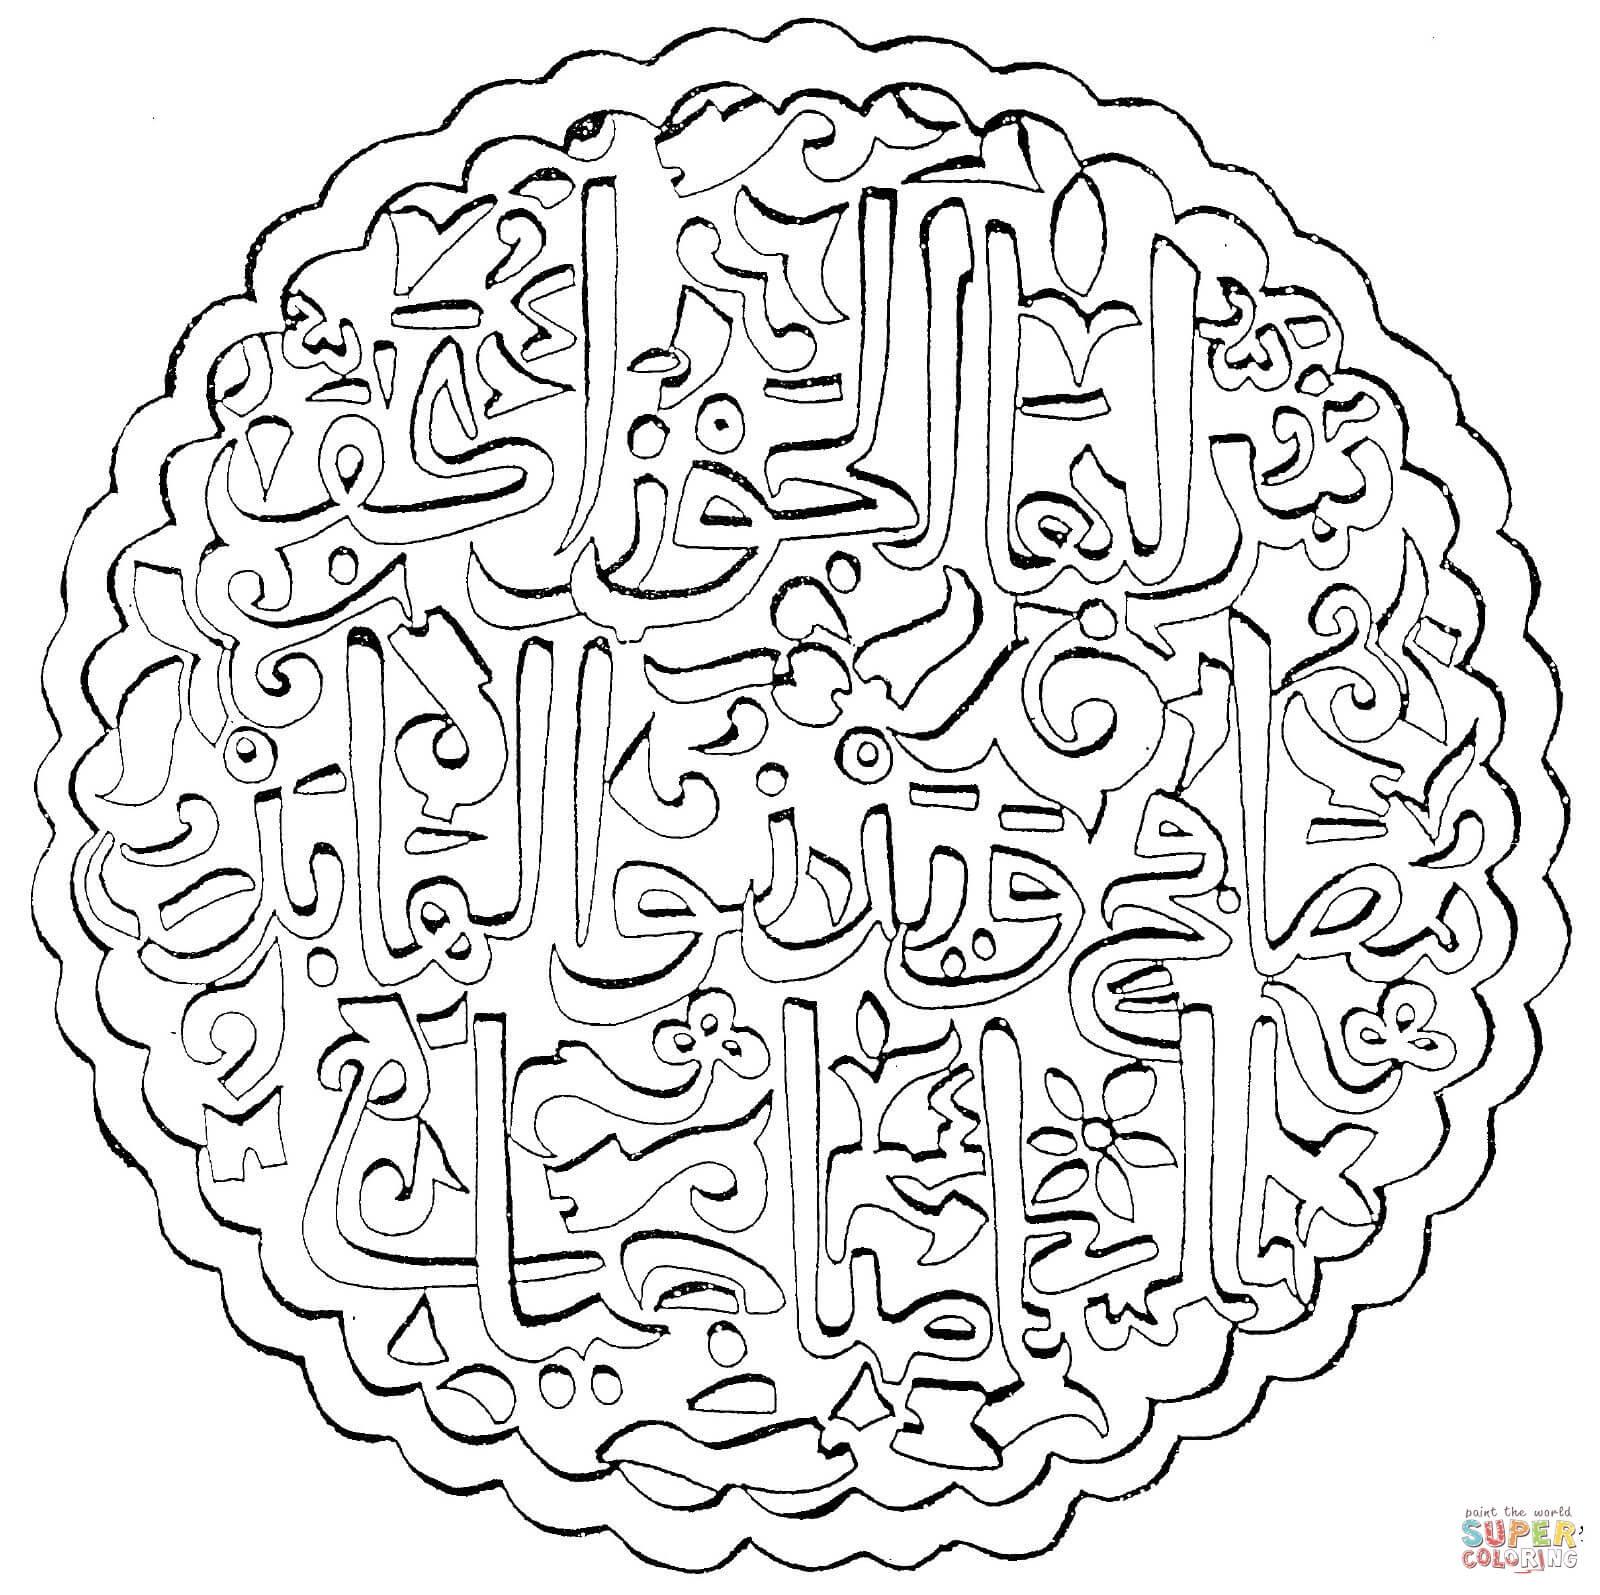 er sur la Mandala arabe coloriages pour visualiser la version imprimable ou colorier en ligne patible avec les tablettes iPad et Android